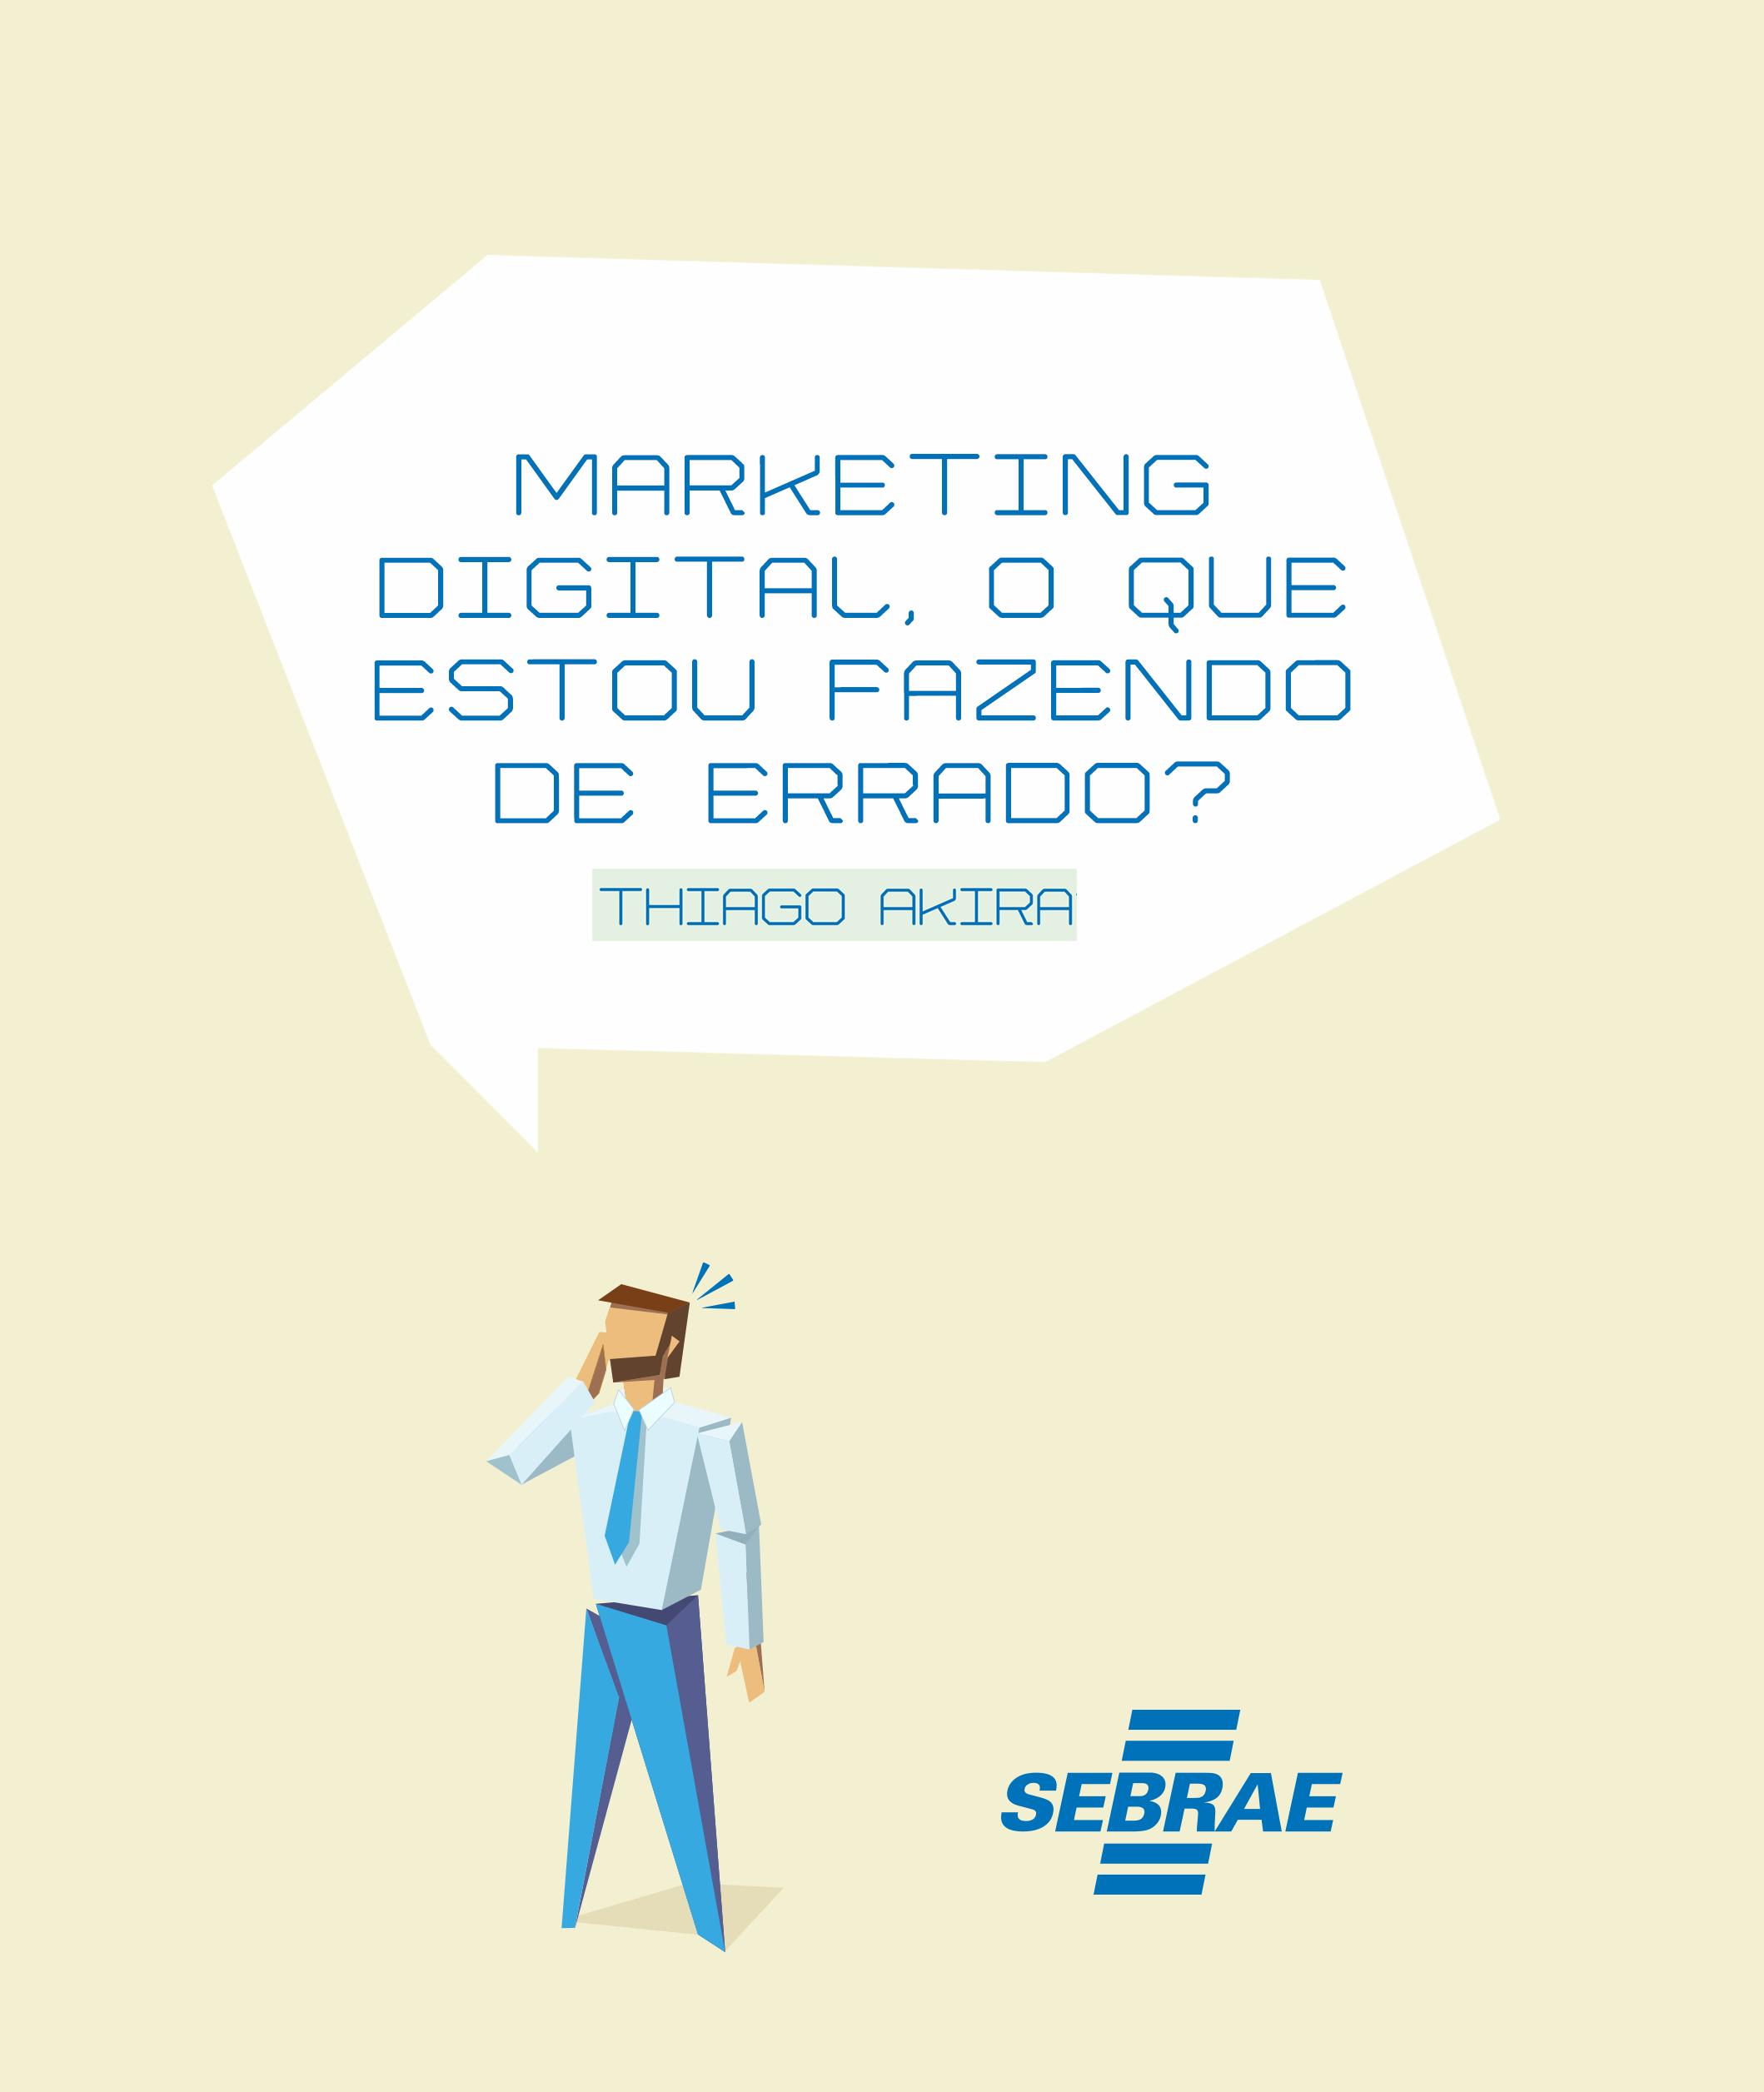 Ebook Marketing Digital, o que estou fazendo de errado? Thiago Akira